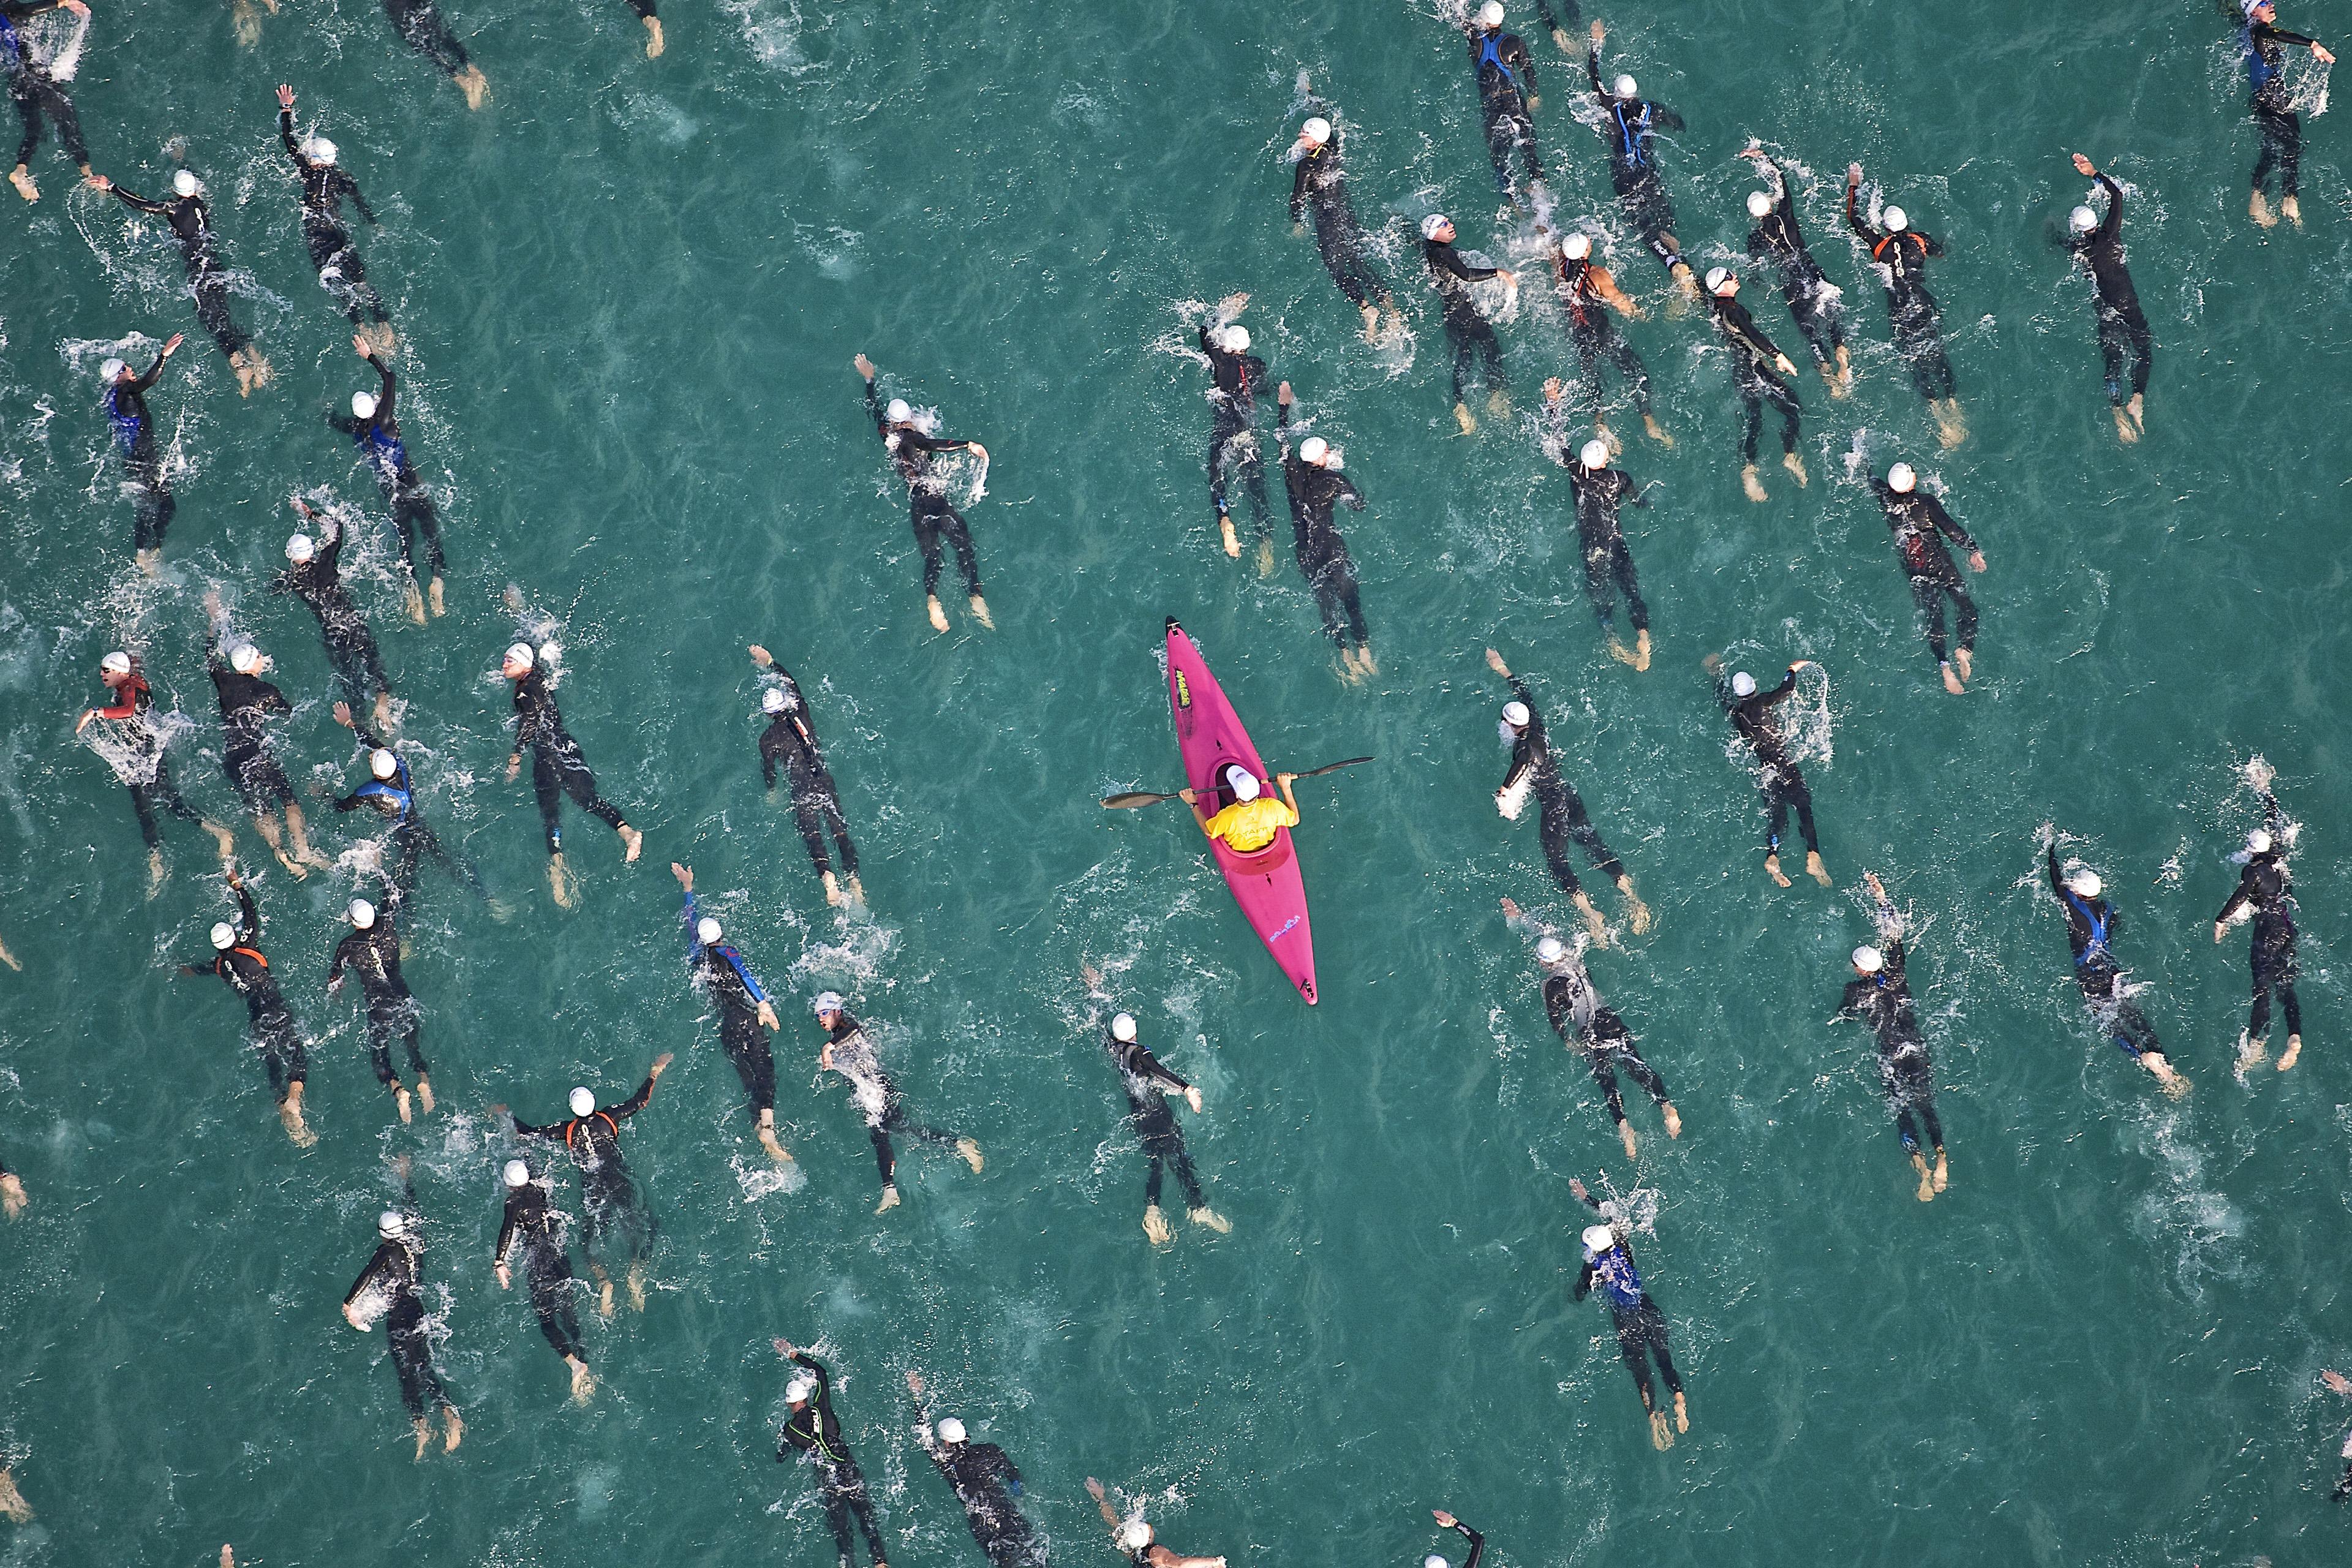 lifeguard kayak ironman austria